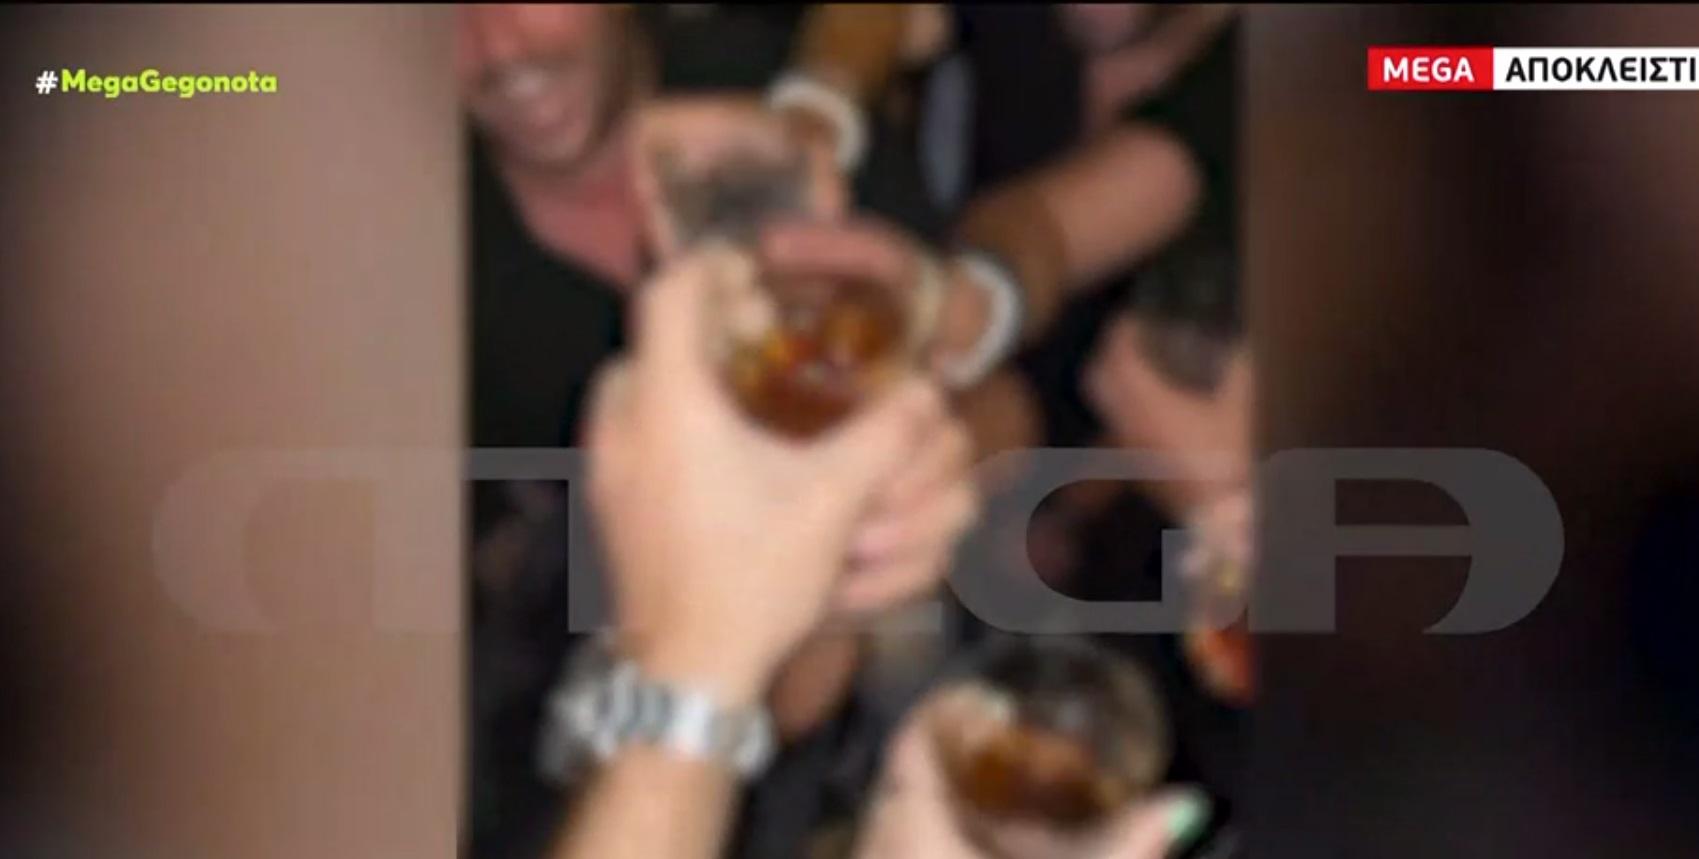 Βίντεο ντοκουμέντο: Μάστιγα τα κορονοπάρτι σε πολλά σημεία της Ελλάδας – Γλέντι σαν να μην υπάρχει κορονοϊός